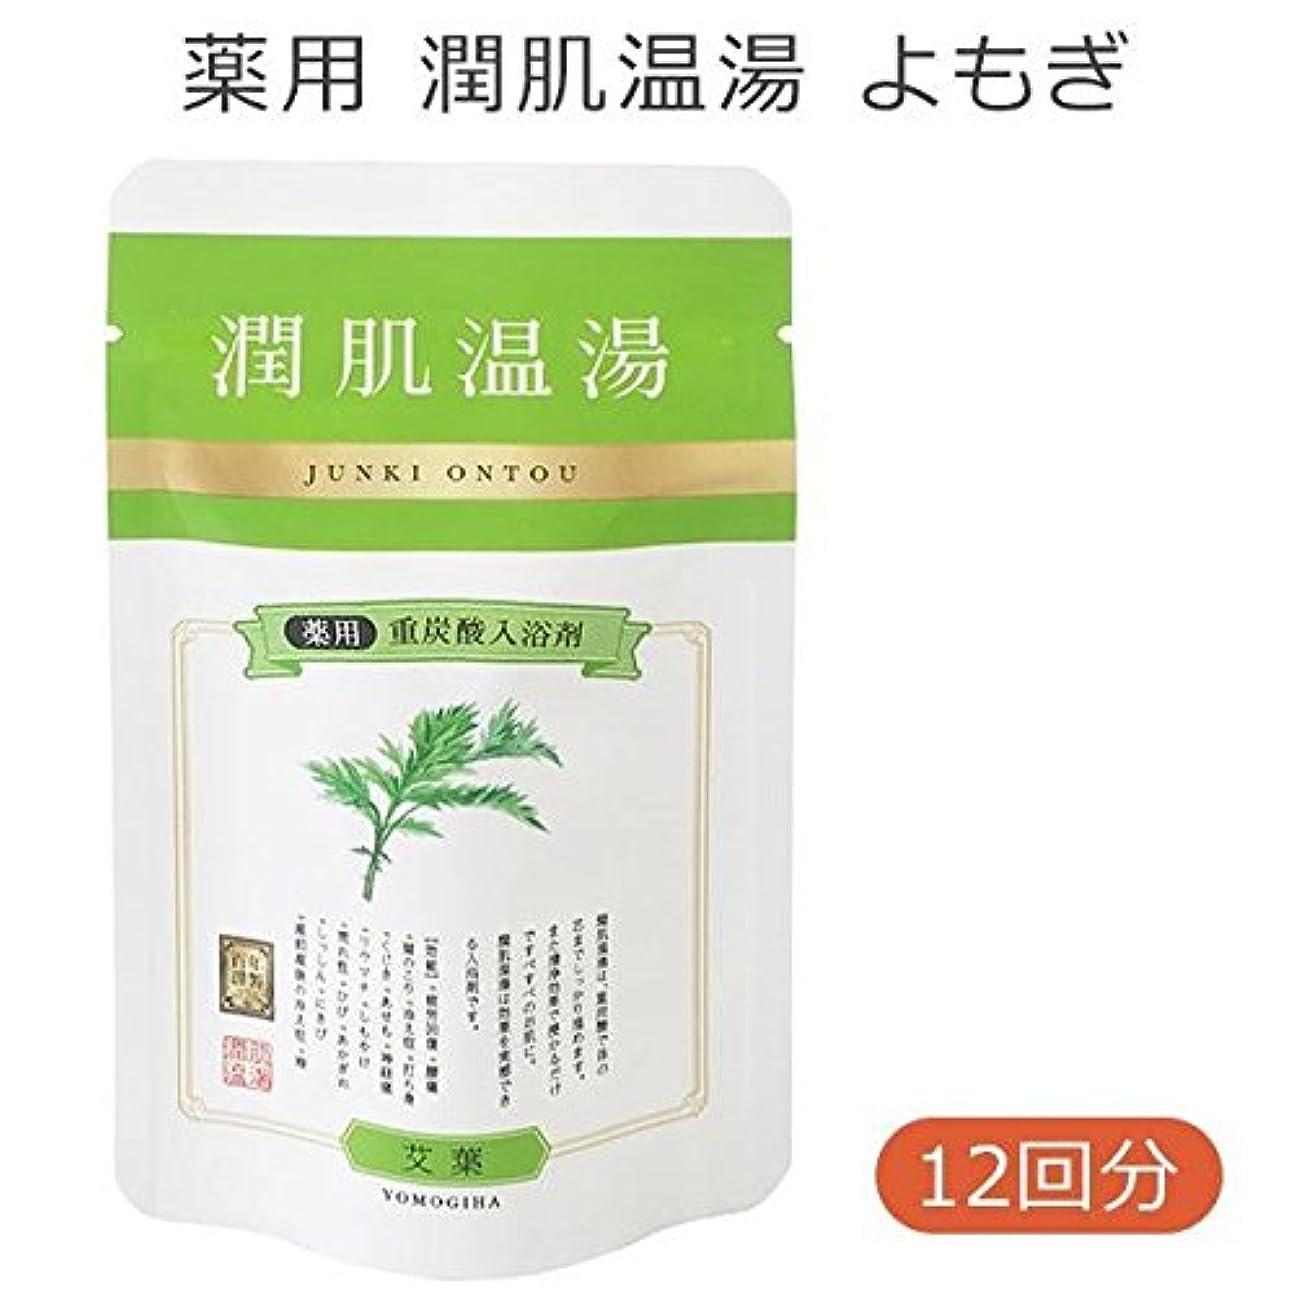 調整うまれた谷薬用 潤肌温湯 よもぎ 12回分 N-8733